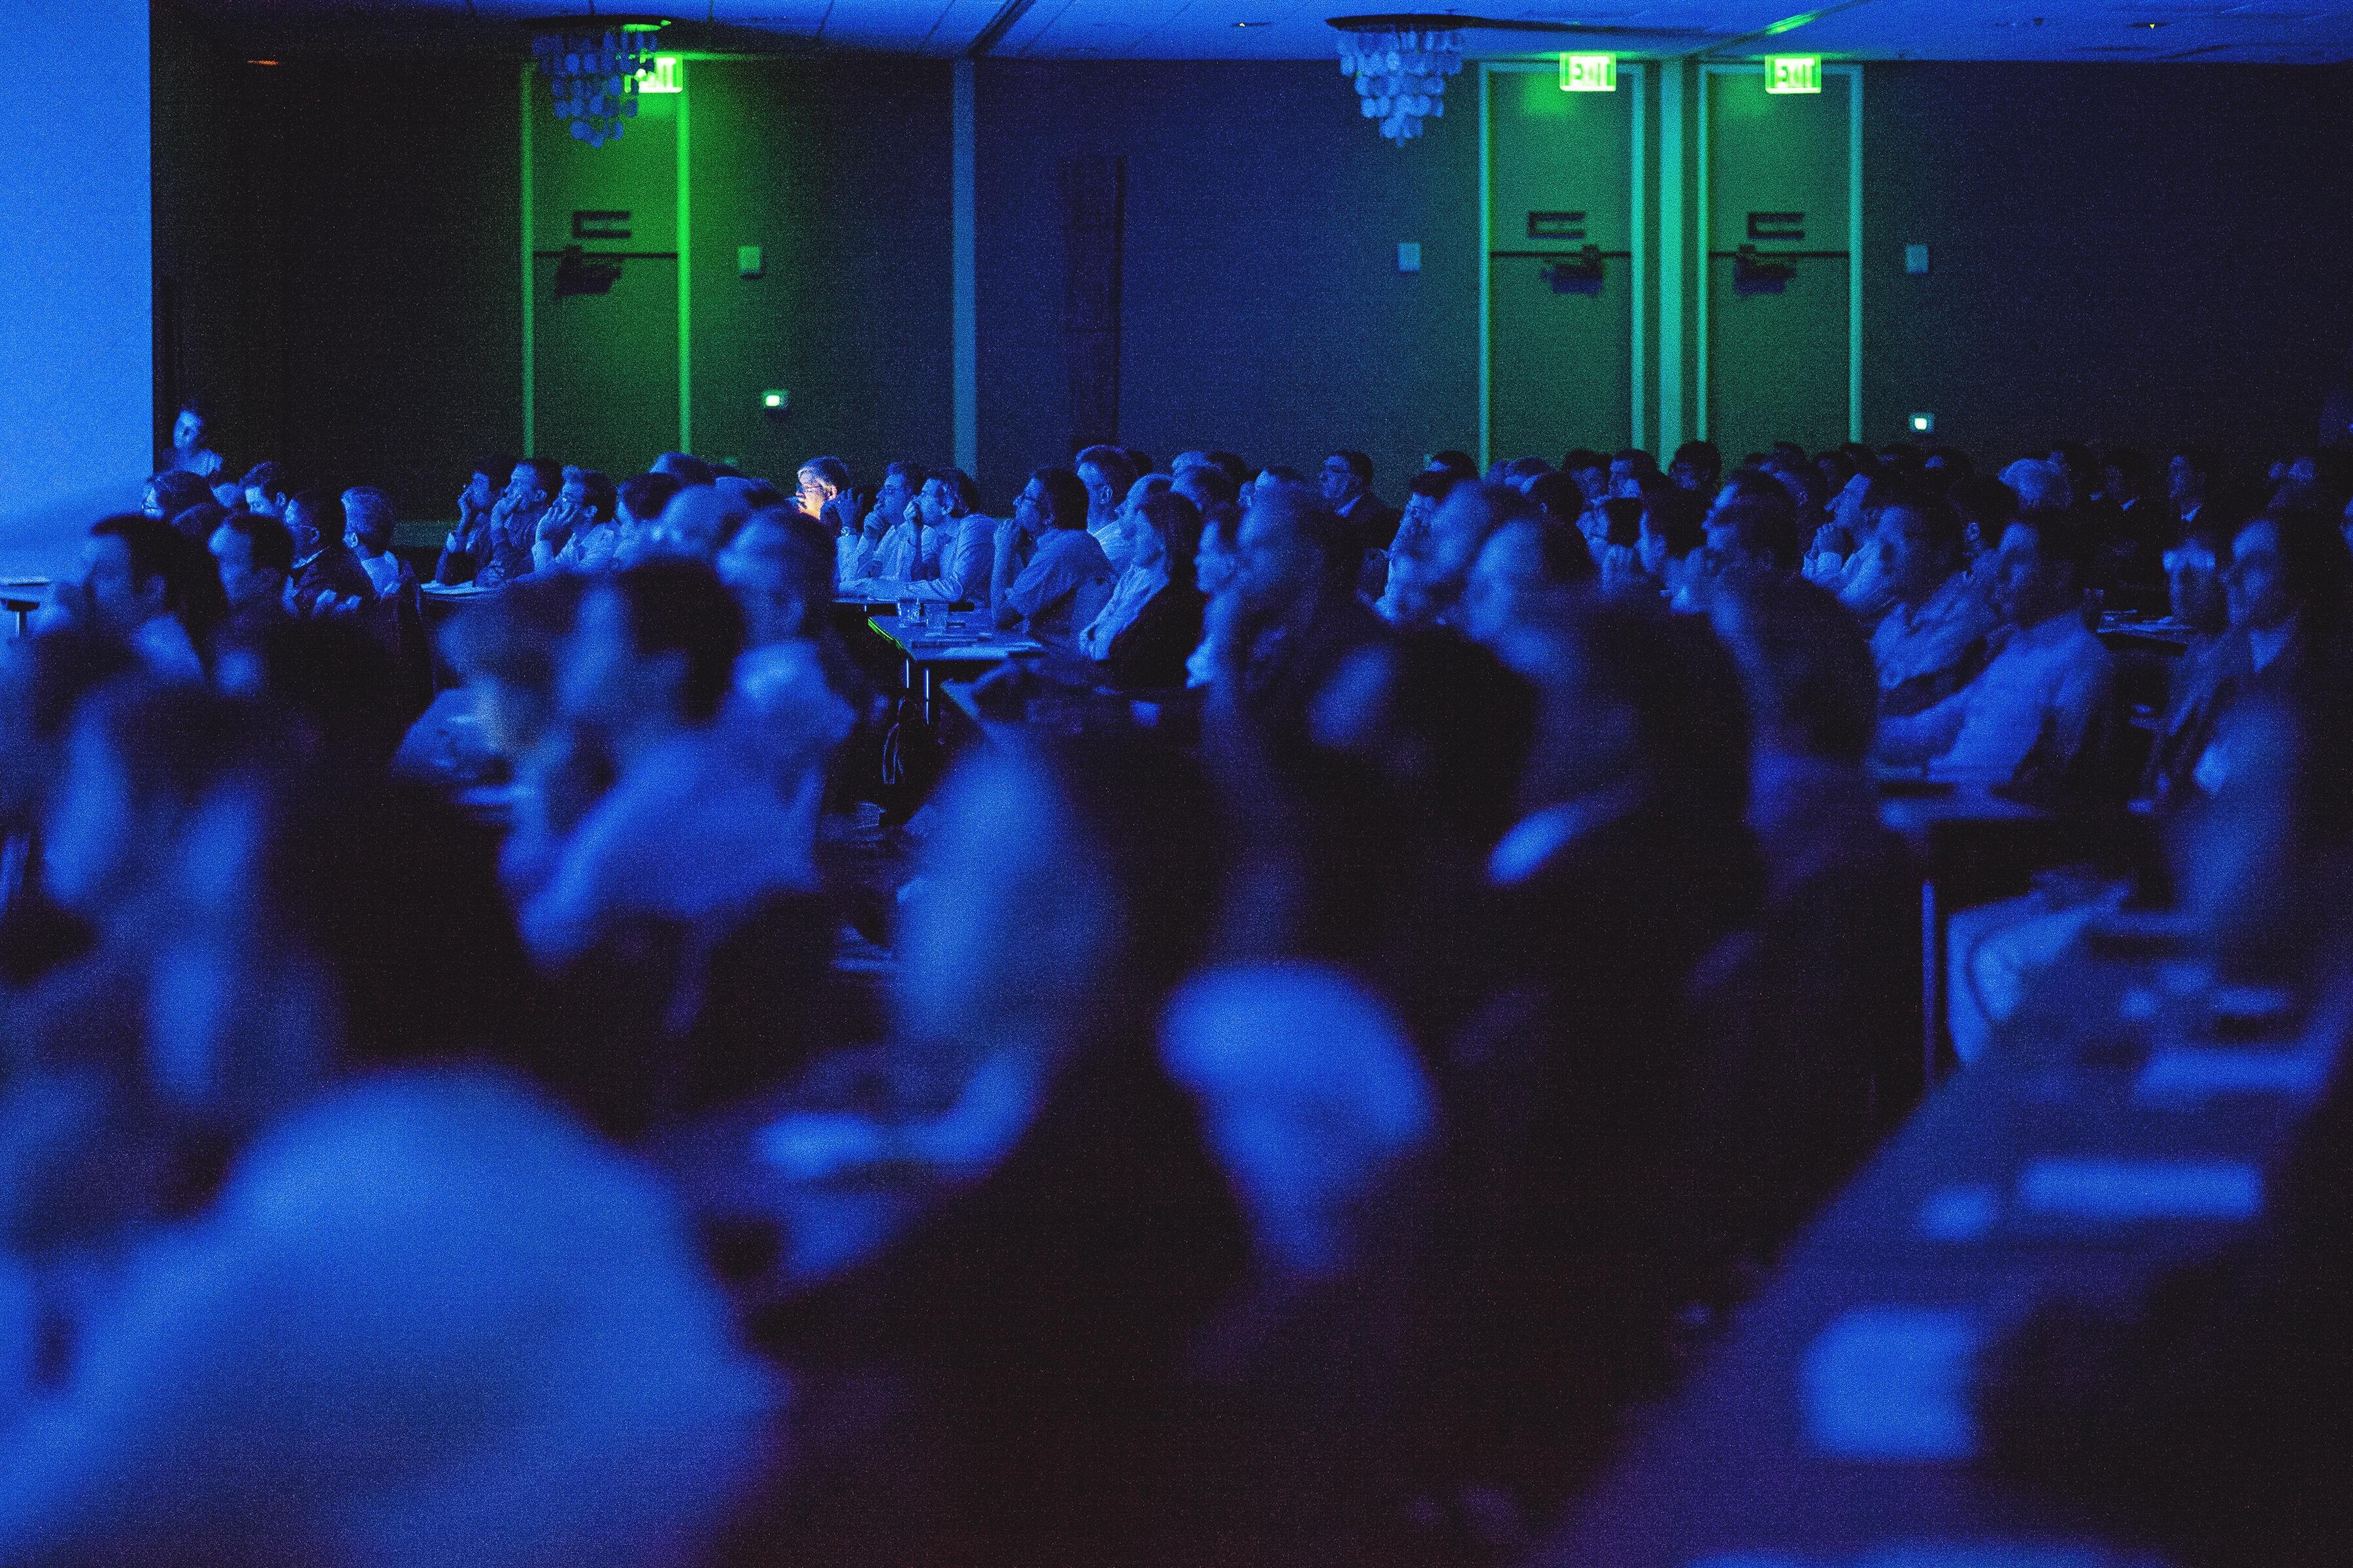 TEDxManhattanBeach: Bold Vision